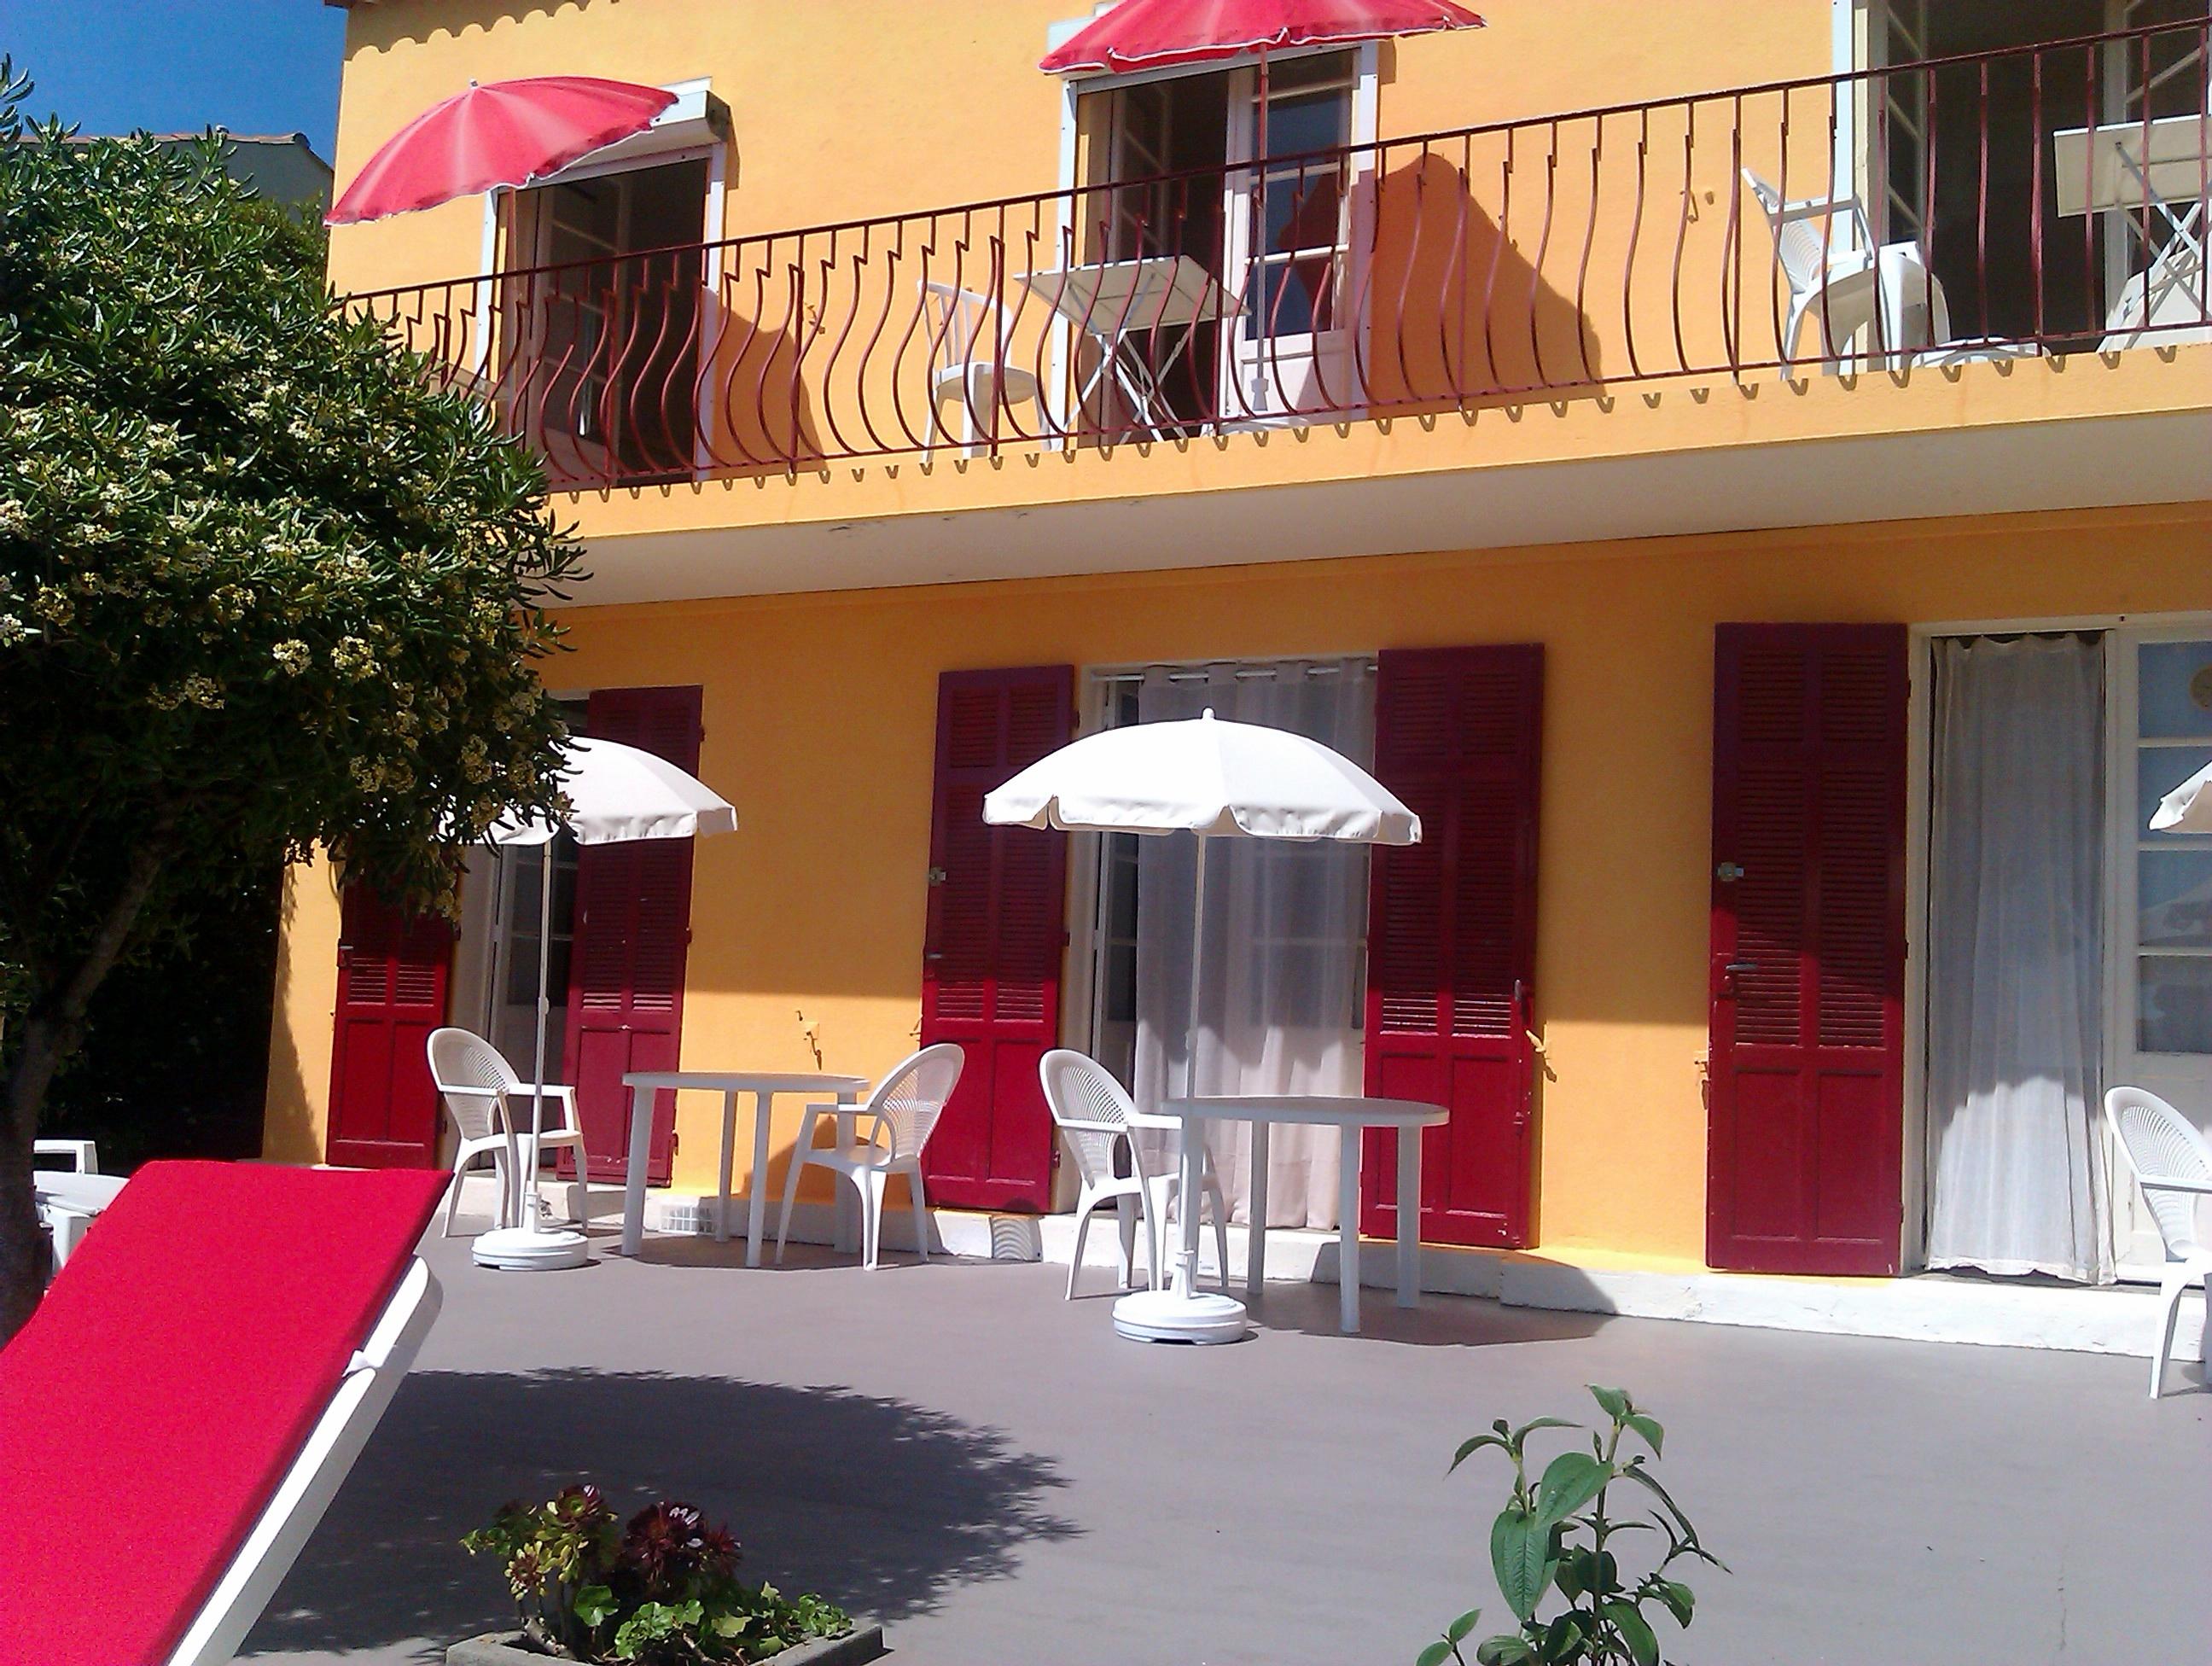 http://www.nat-appart.racv.fr/clientadmin/uploads/22081906161851531302012-terrasse_03.jpg